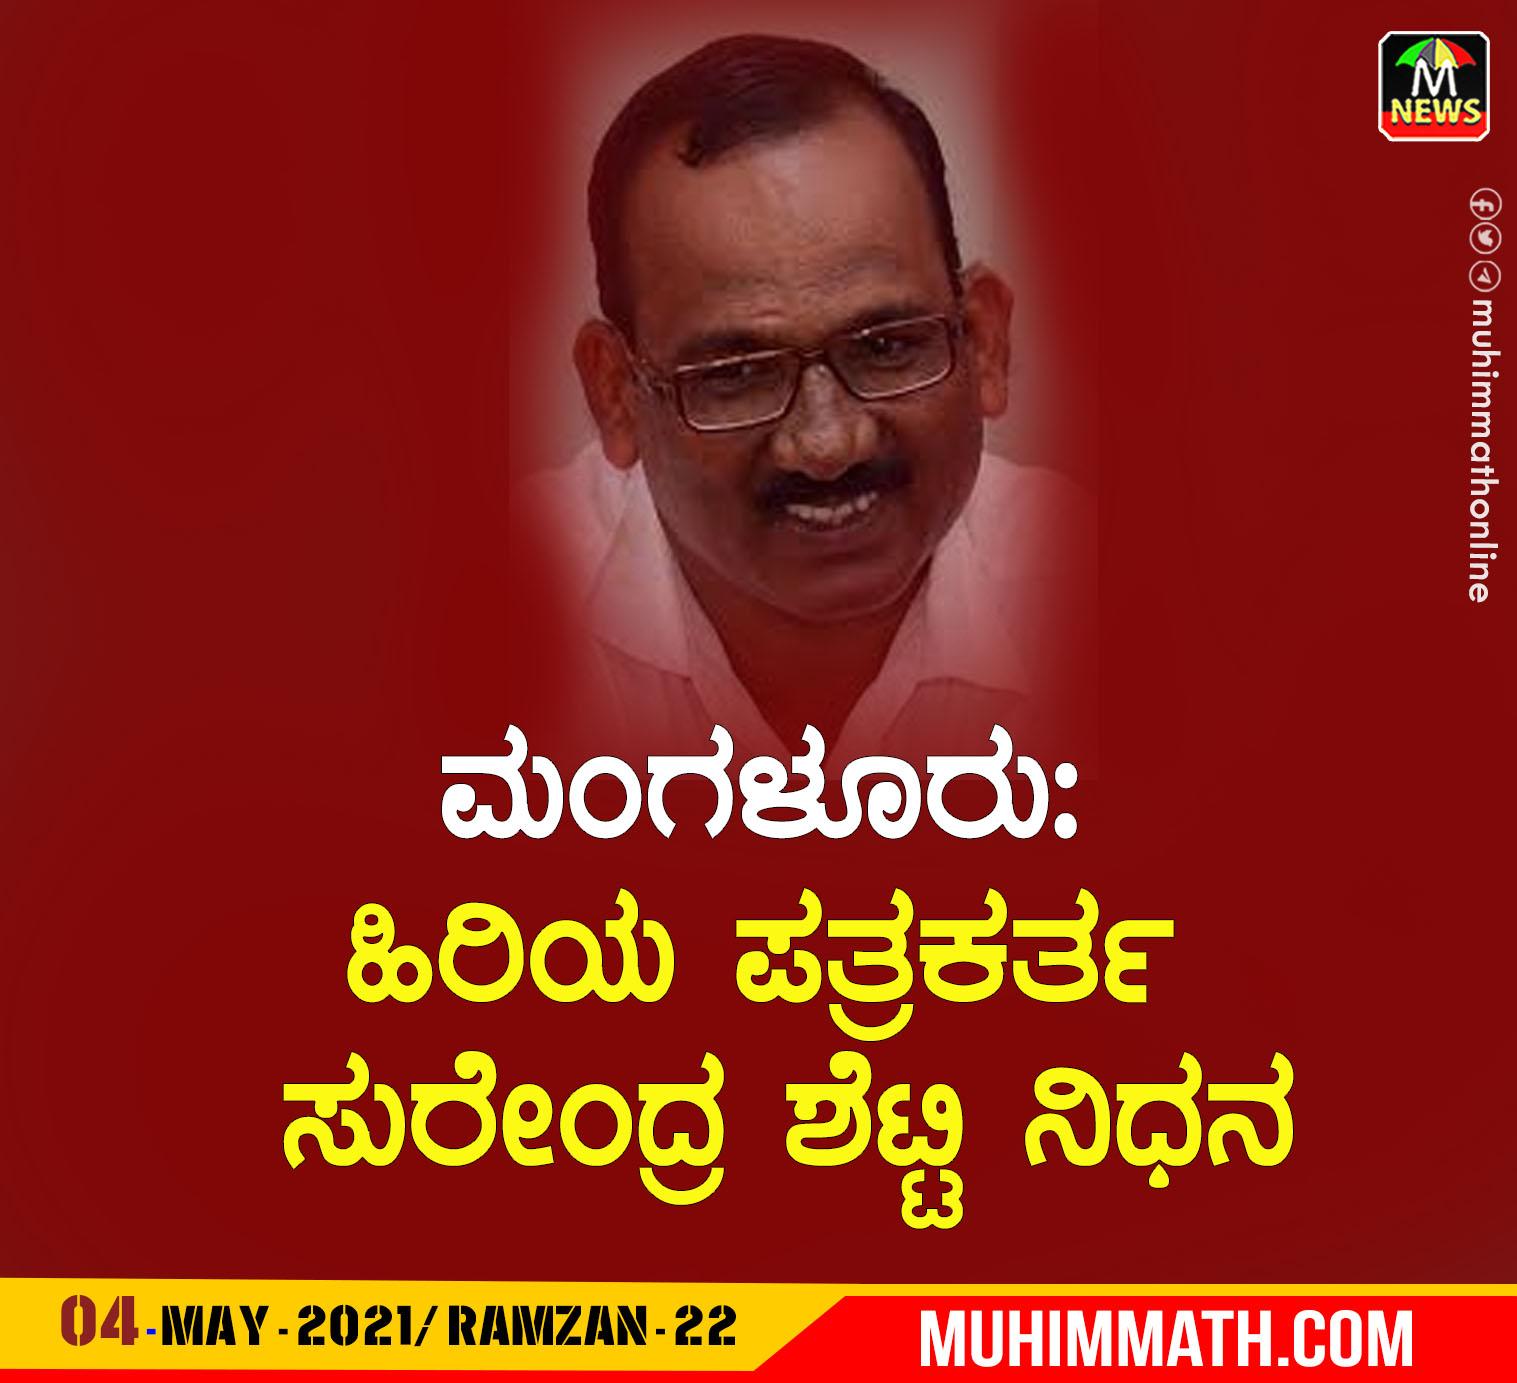 ಮಂಗಳೂರು: ಹಿರಿಯ ಪತ್ರಕರ್ತ ಸುರೇಂದ್ರ ಶೆಟ್ಟಿ ನಿಧನ